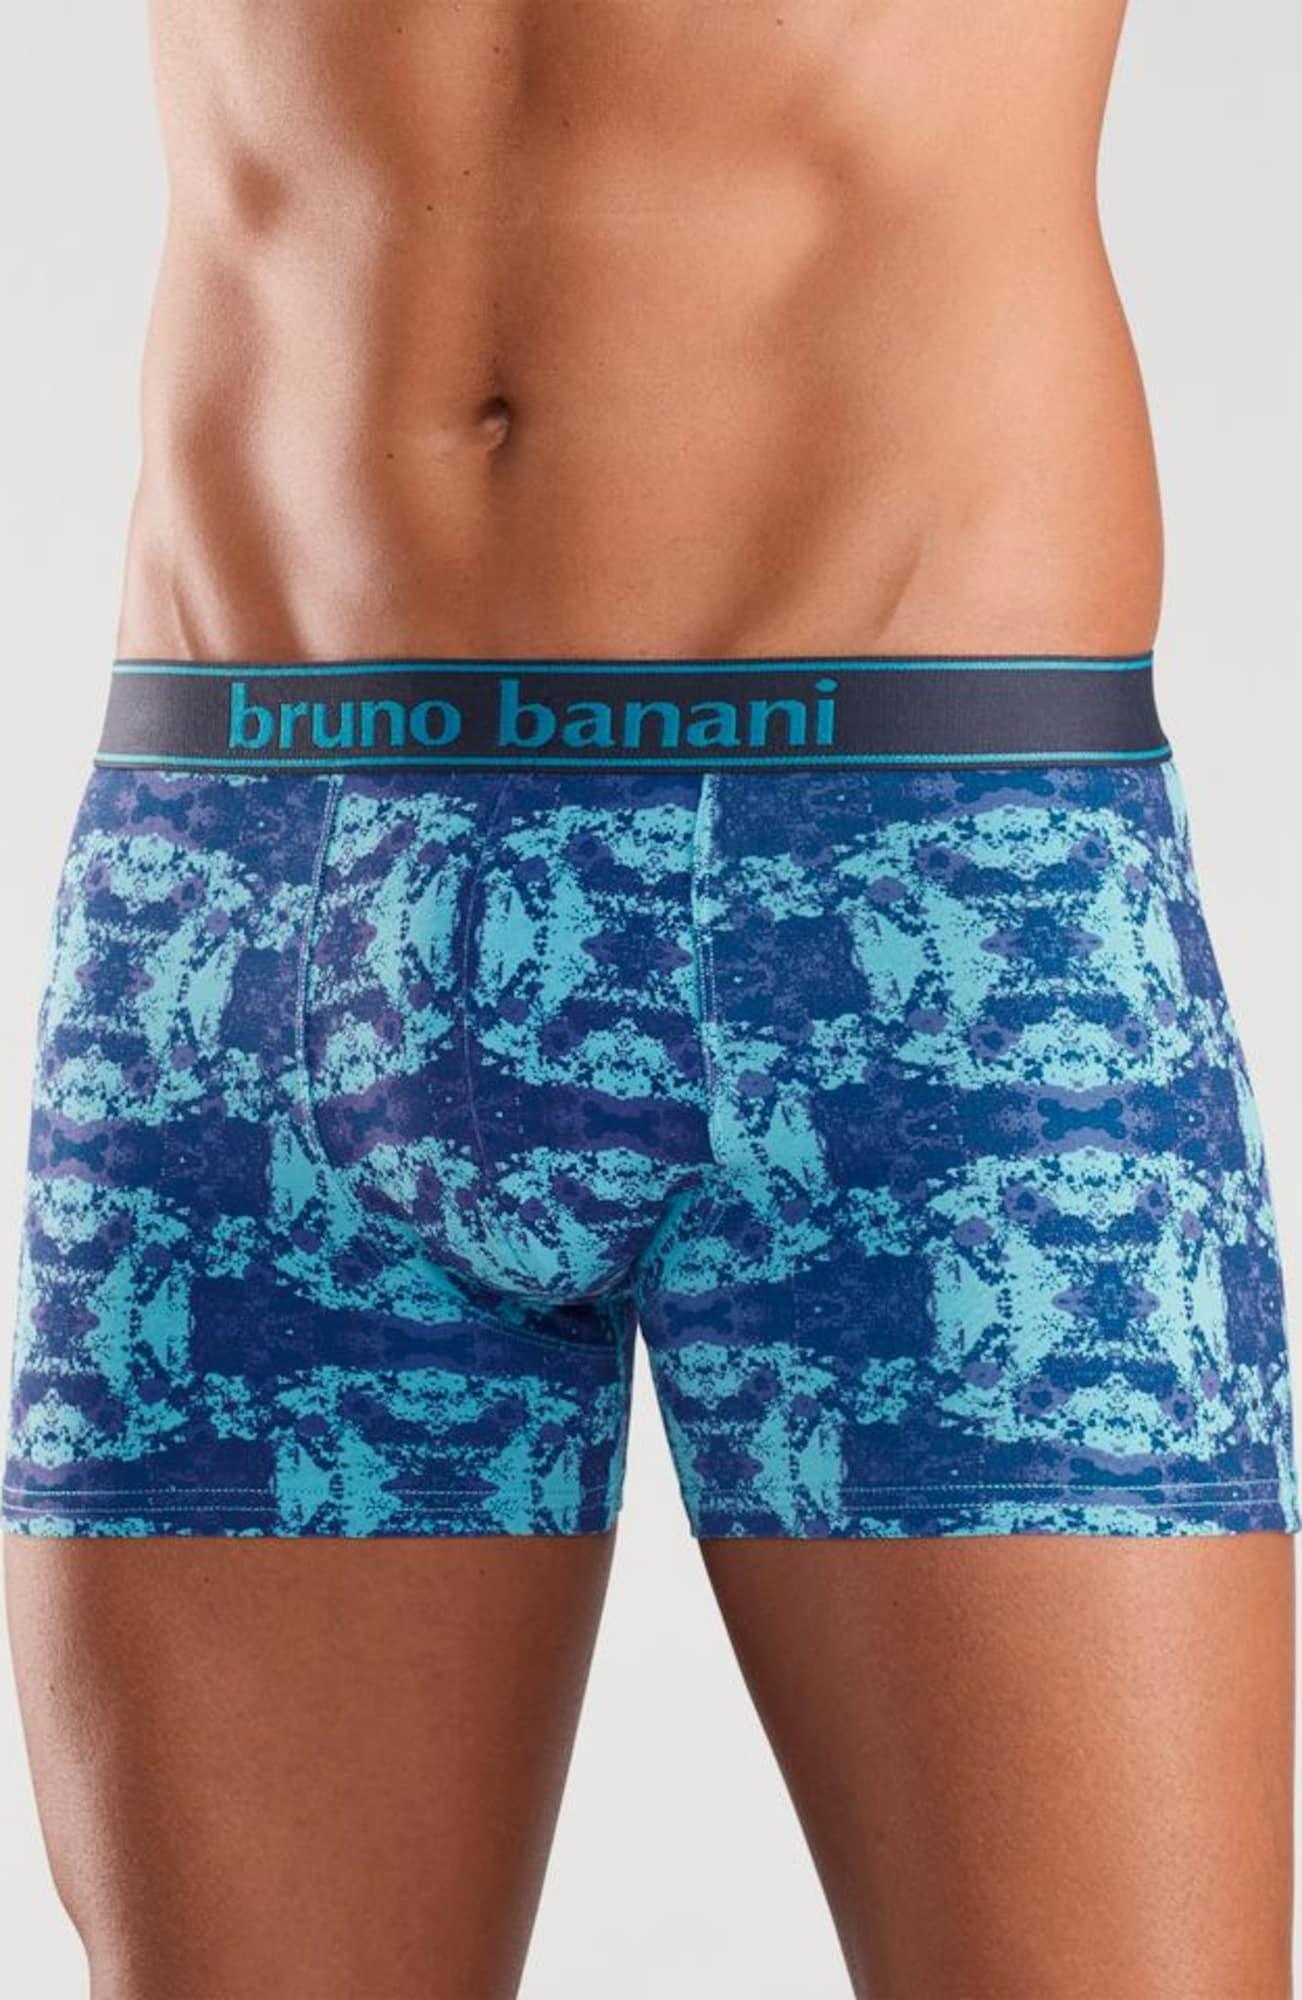 bruno banani boxer short 2 st ck mit modischem druck in blau about you. Black Bedroom Furniture Sets. Home Design Ideas